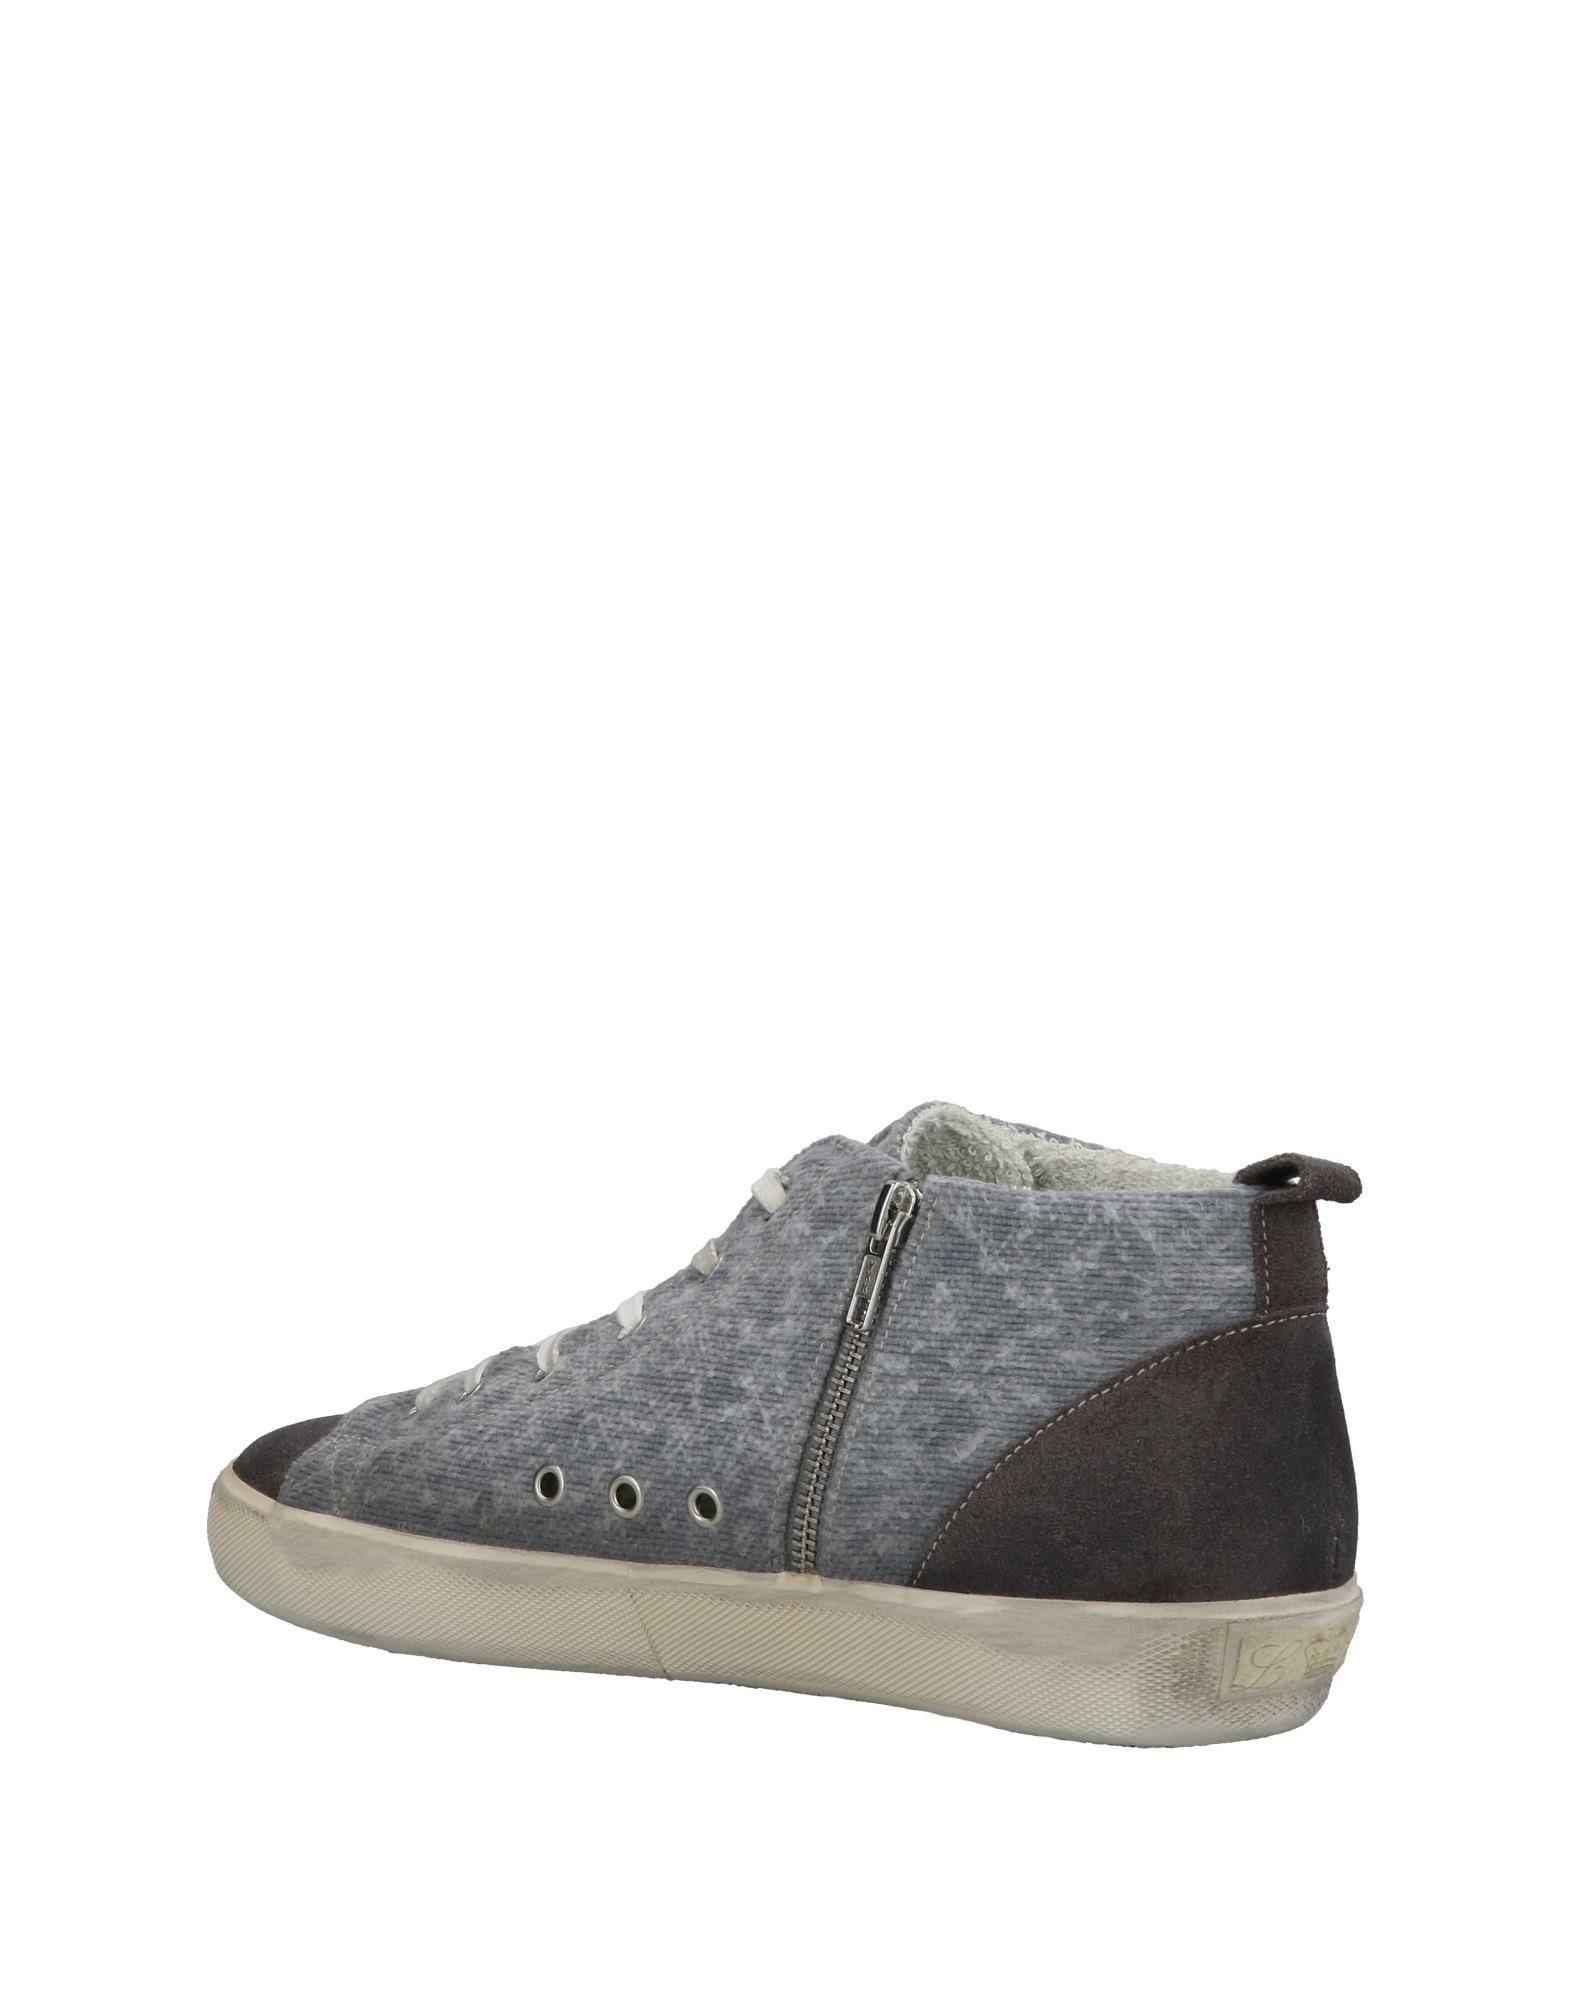 Rabatt echte Leather Schuhe Leather echte Crown Sneakers Herren  11434252XL 352af1